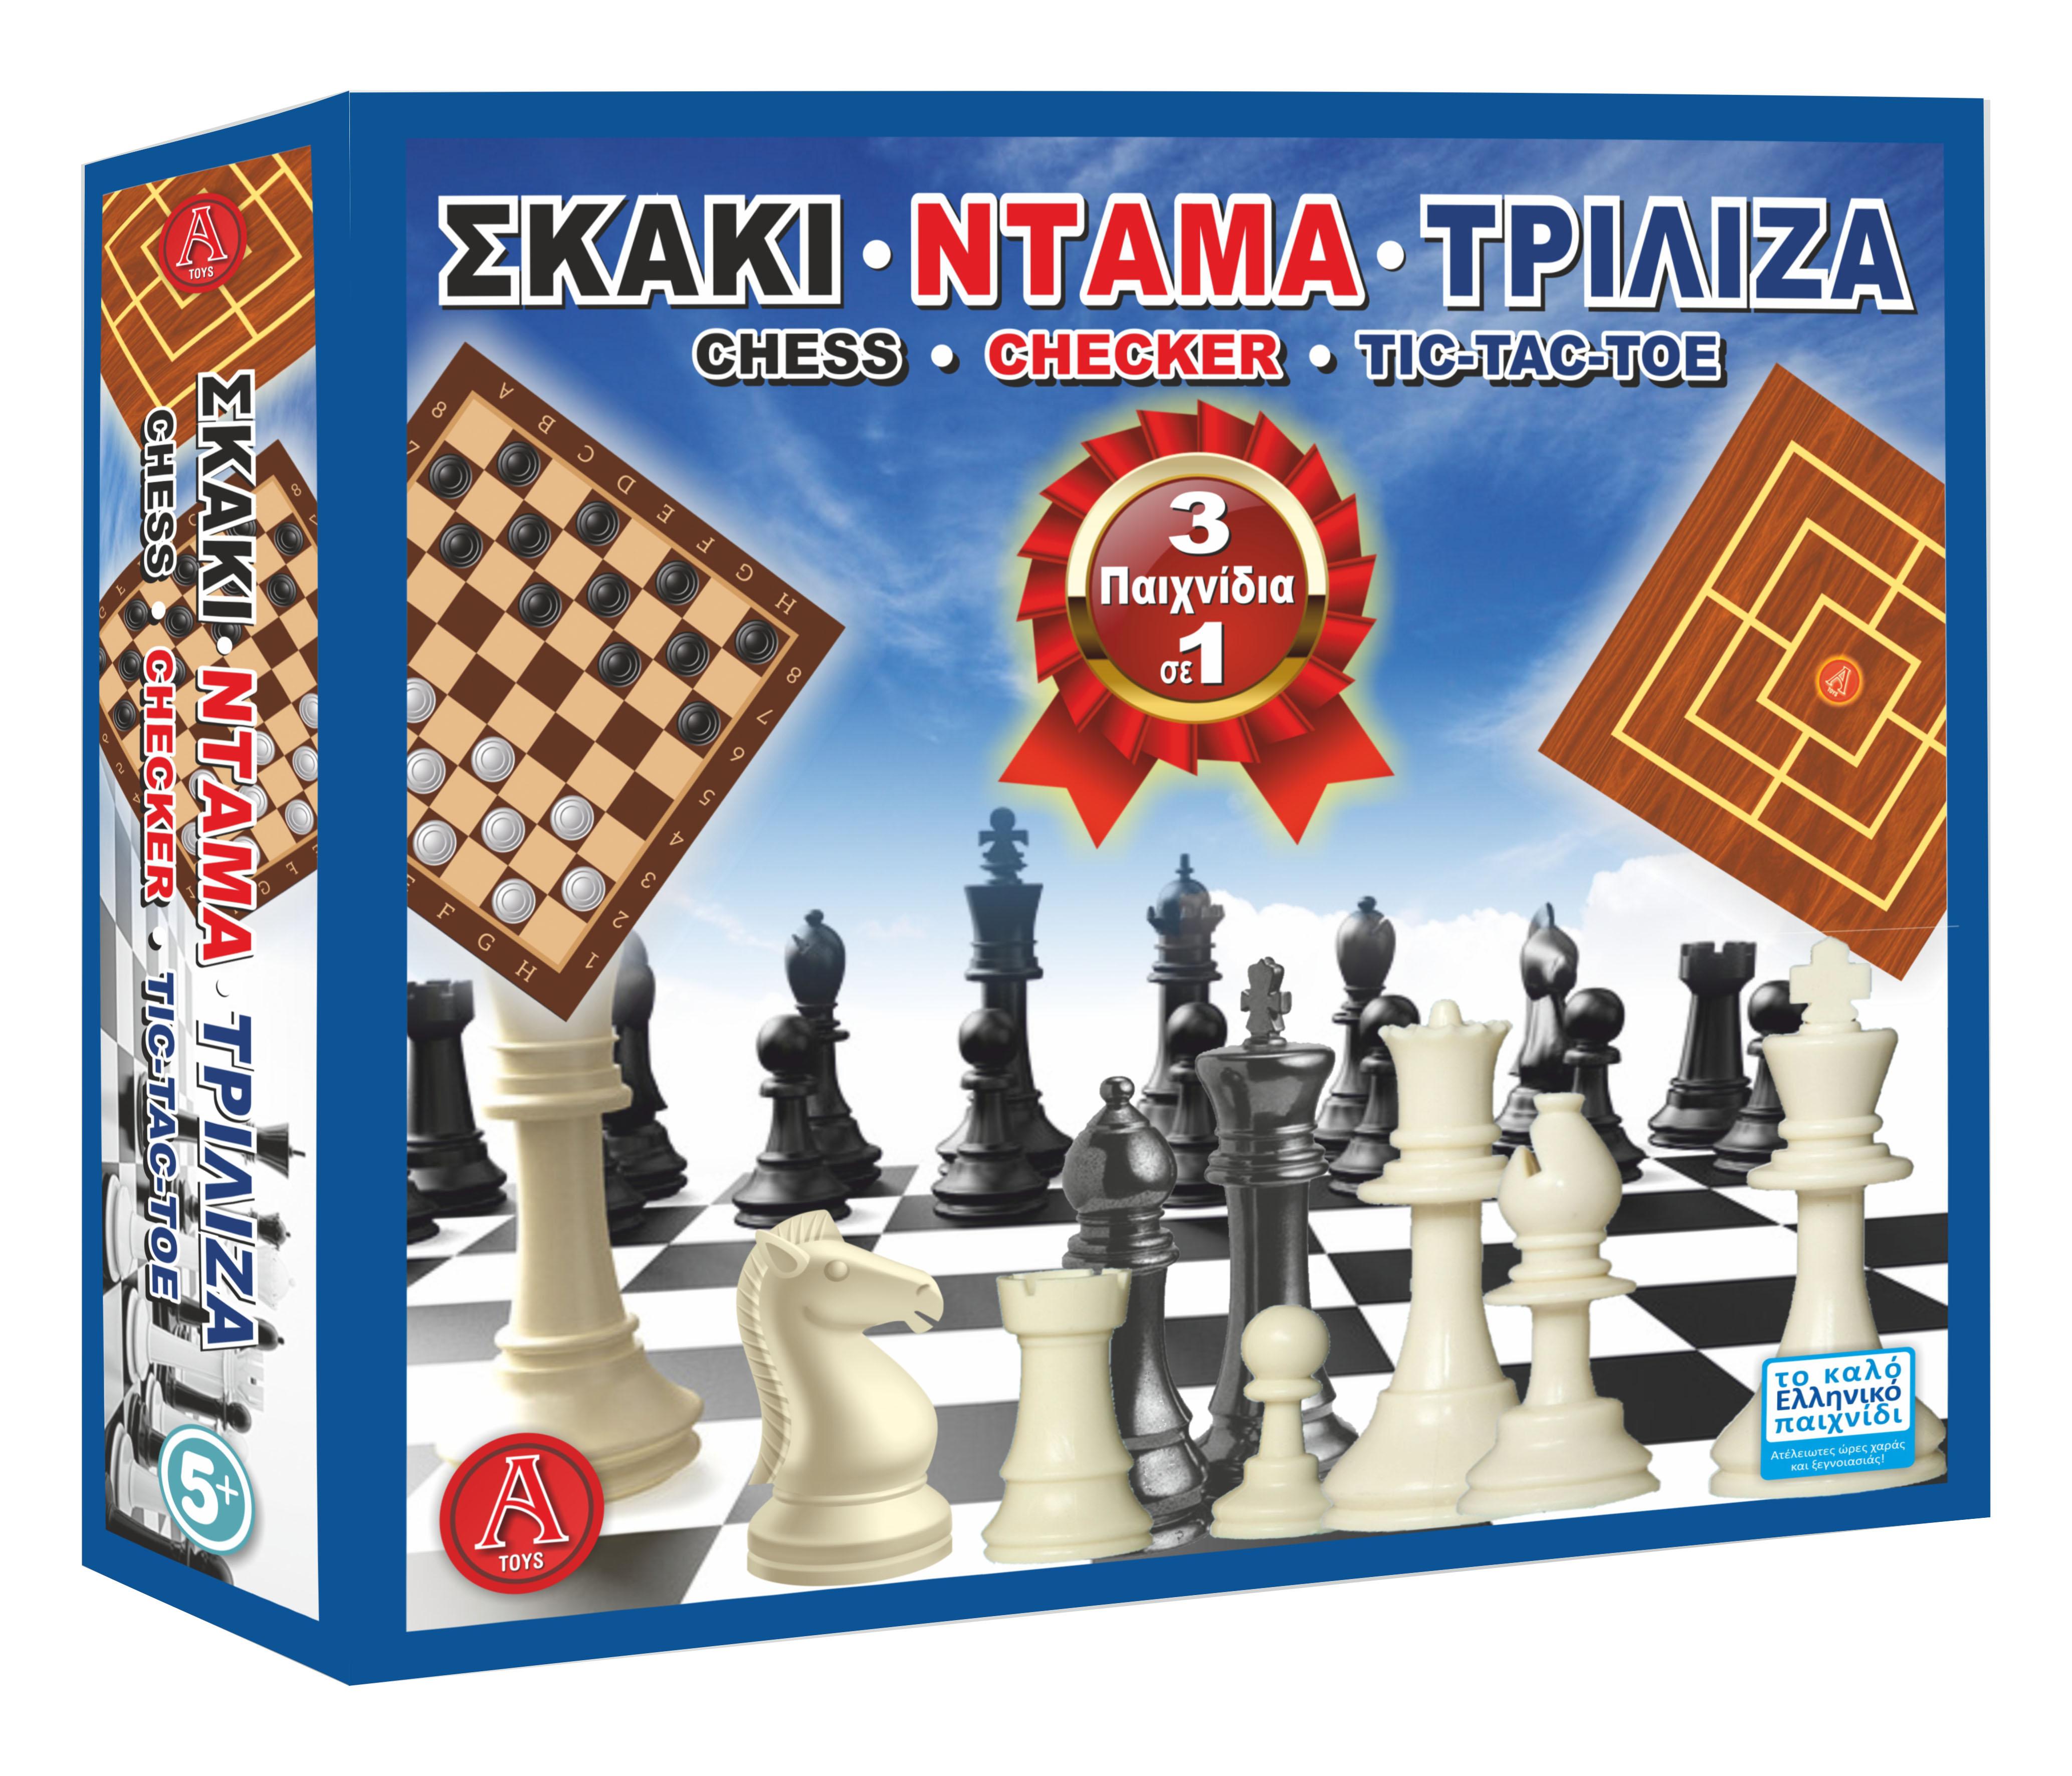 ΚΩΔ. 0106 Σκάκι Ντάμα Τρίλιζα Διαστάσεις: 27x28x7cm